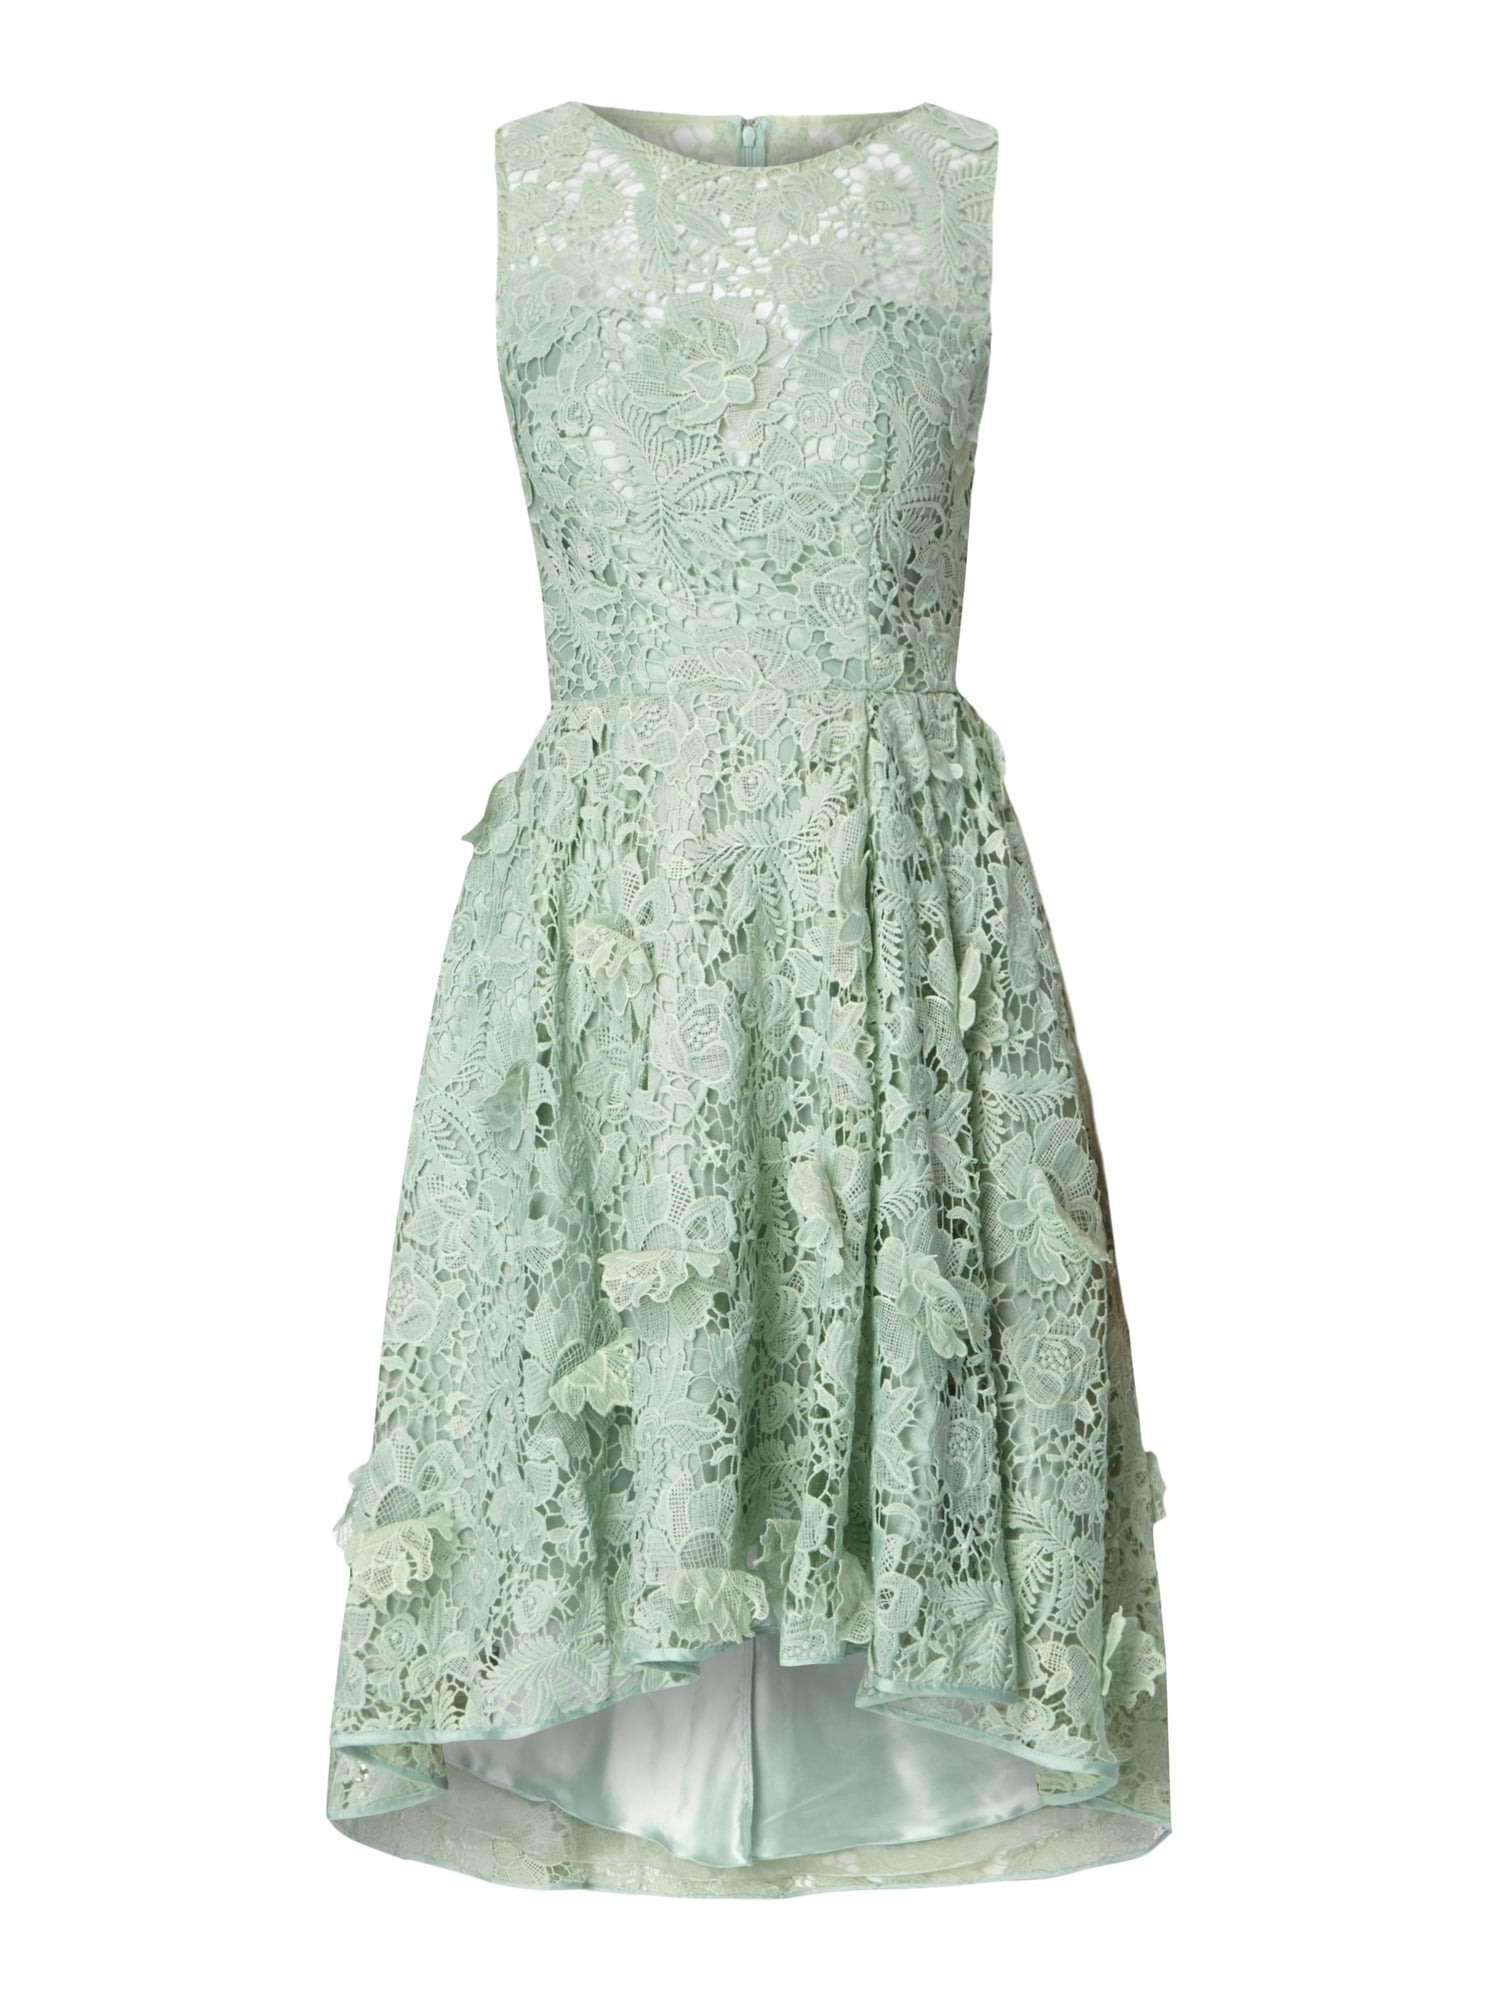 13 Erstaunlich Kleid Spitze Grün für 2019 Schön Kleid Spitze Grün Vertrieb